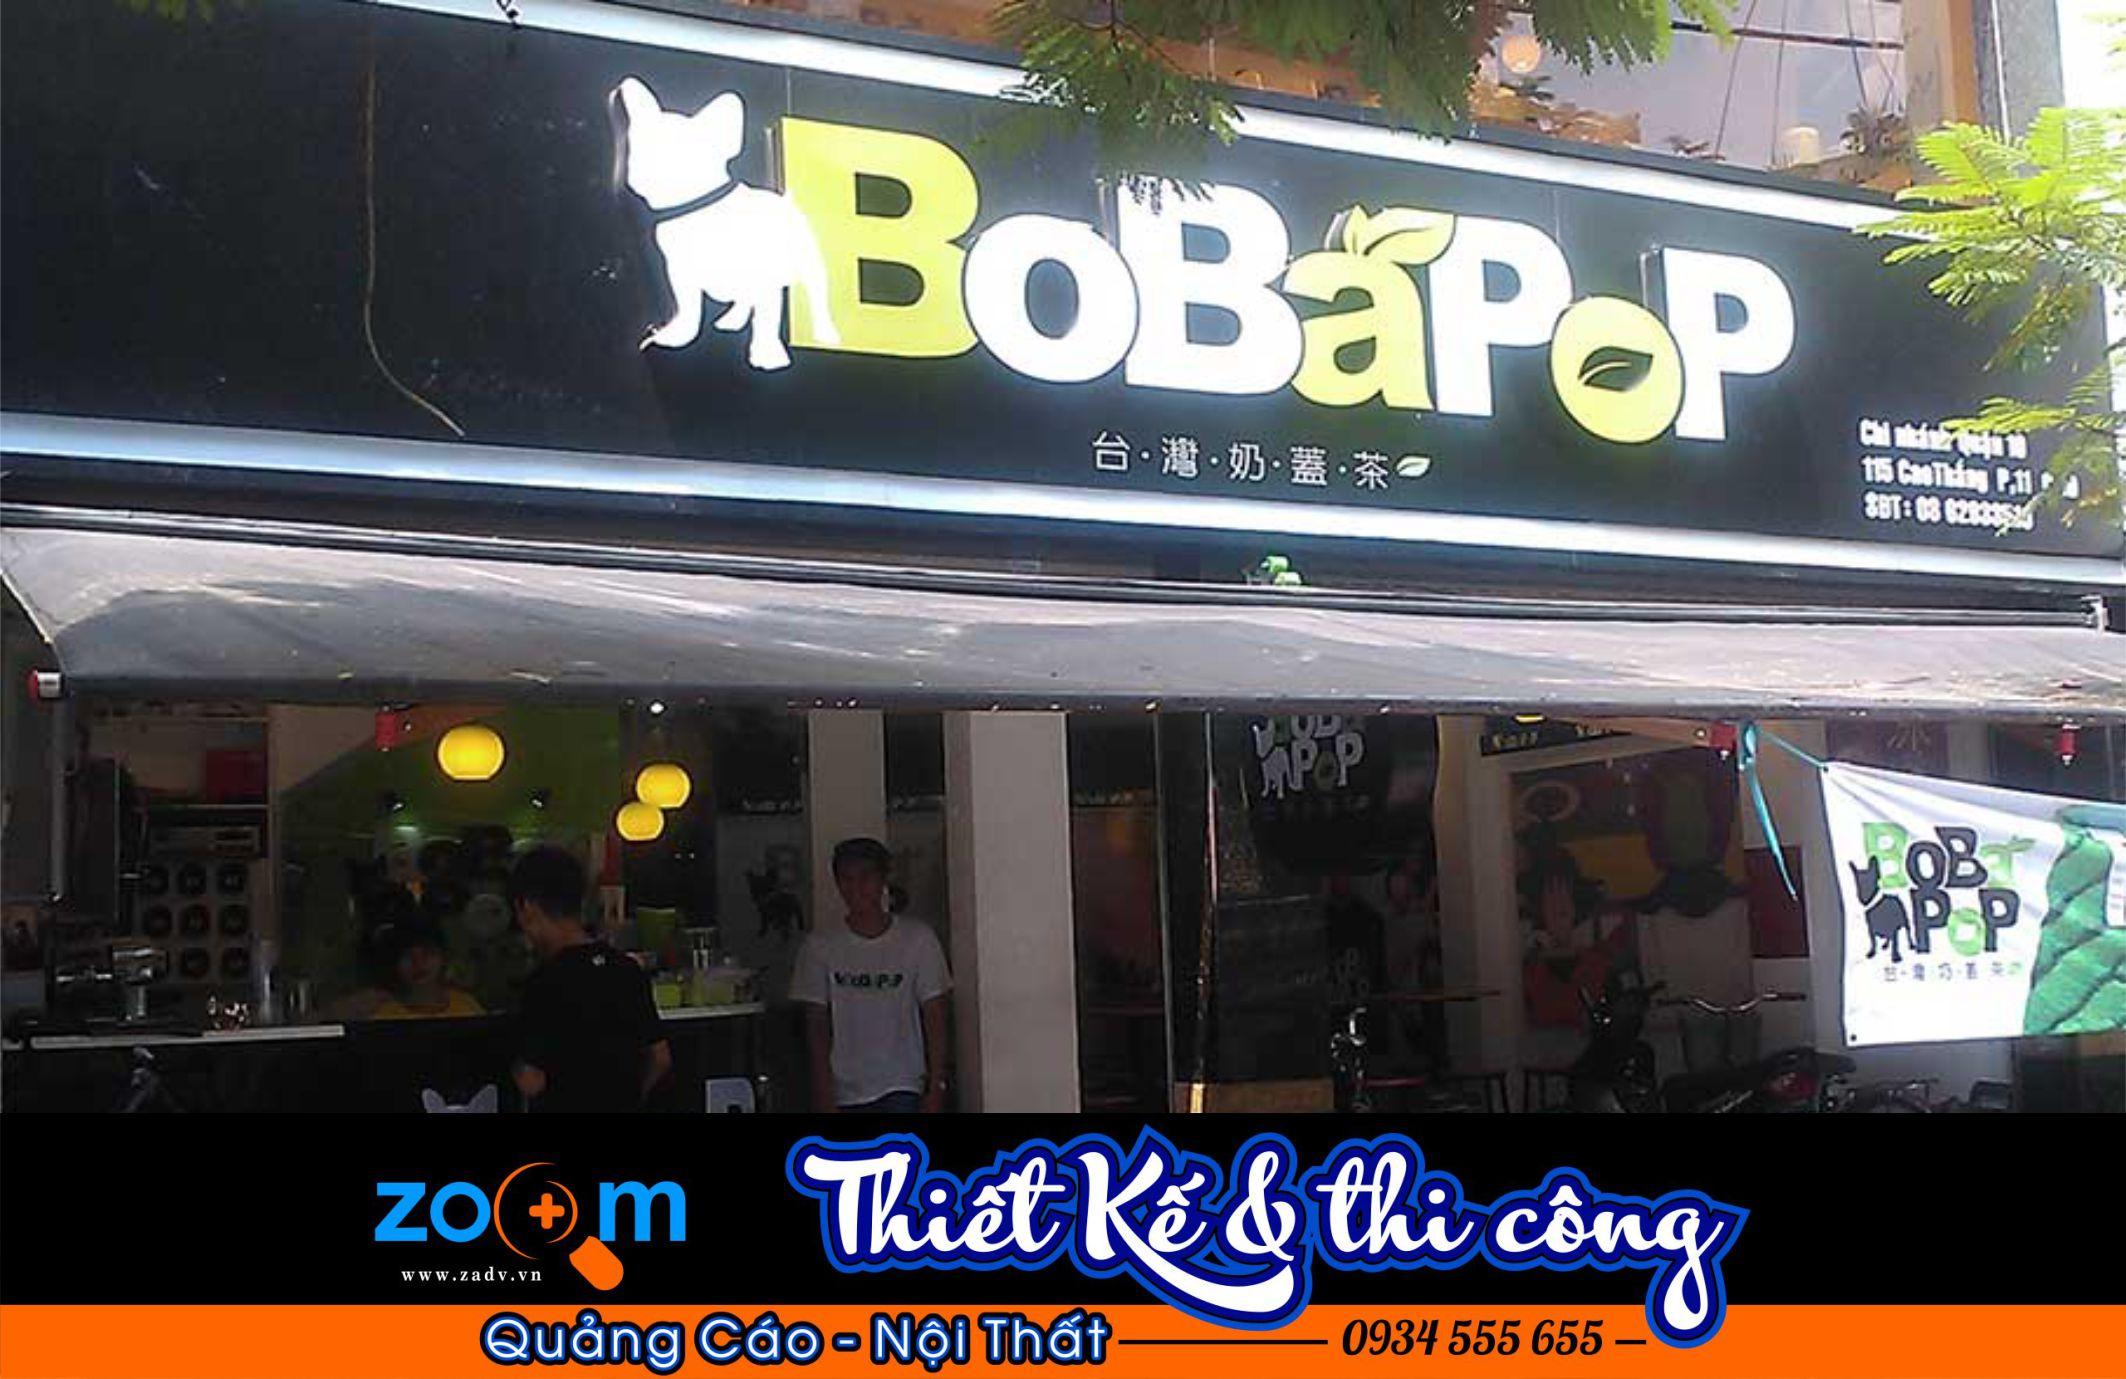 Bảng hiệu quán trà sữa đẹp ở Đà Nẵng